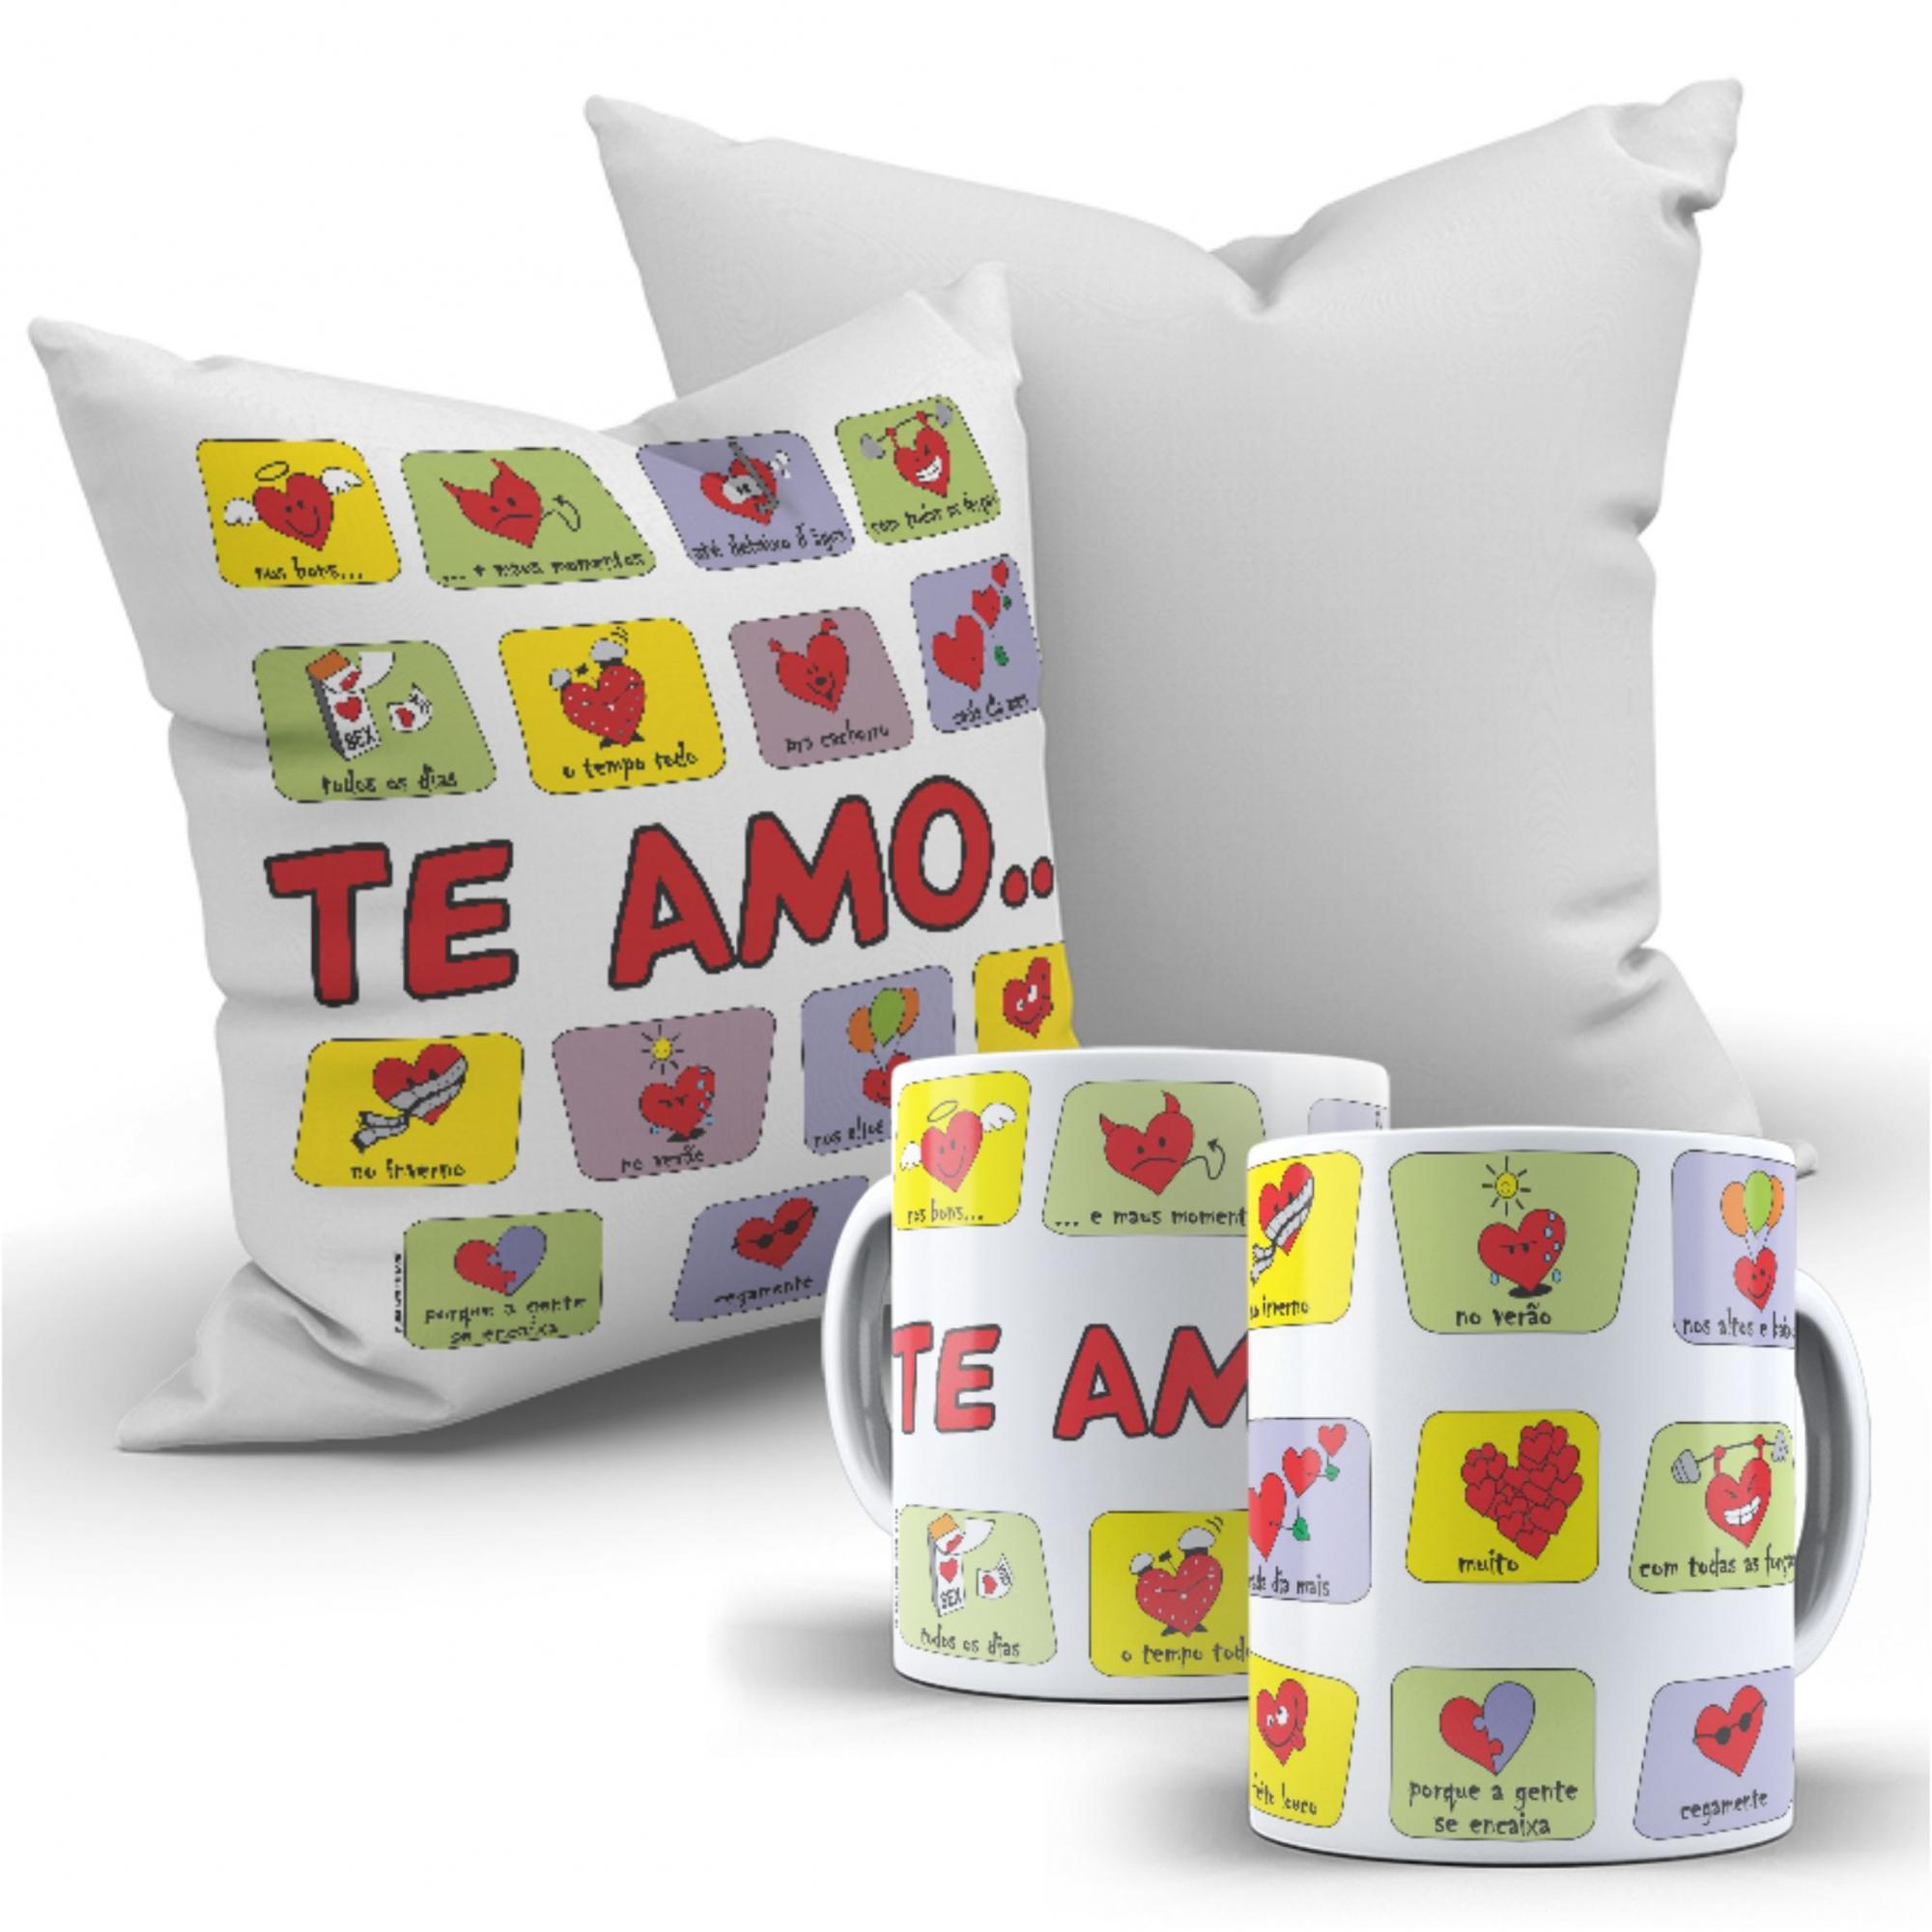 Kit Dia dos namorados Te Amo de Varias formas - 1 Almofada quadrada + 1 Caneca de Porcelana